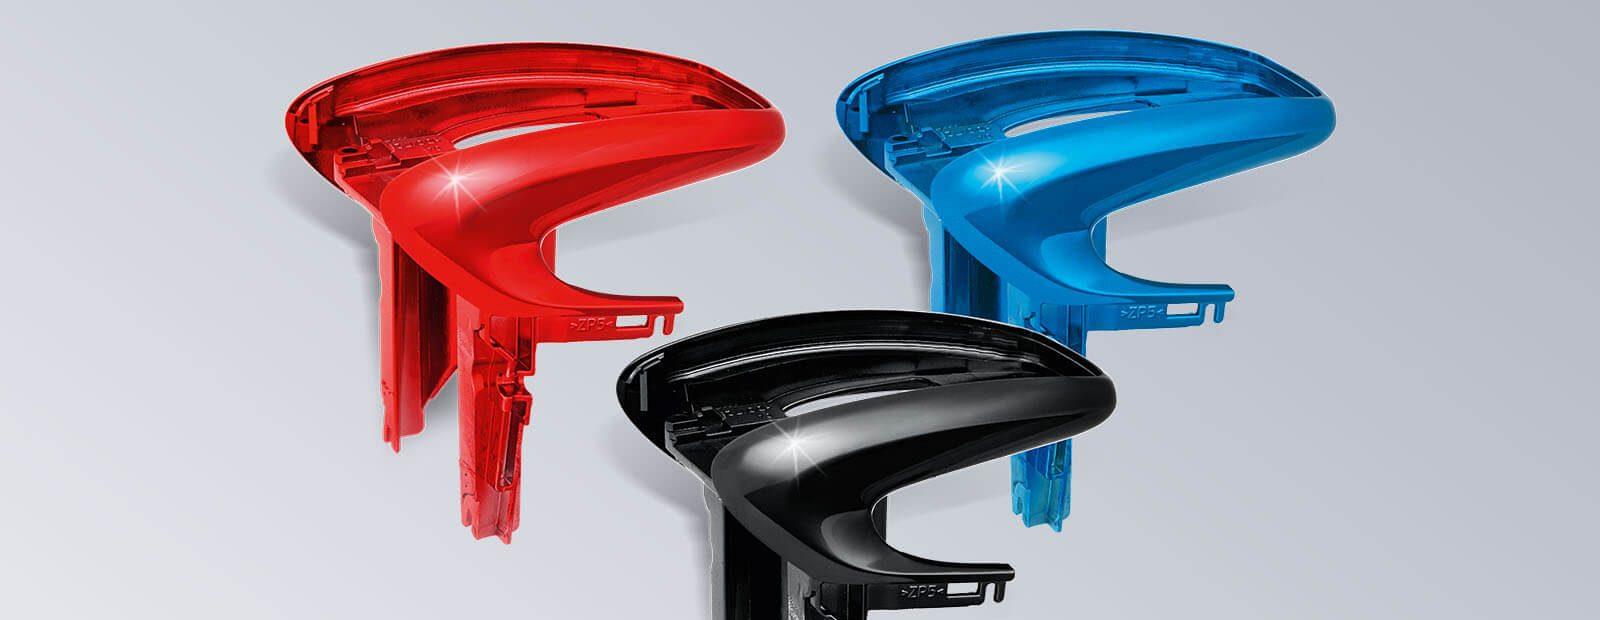 HDO Touchpadtraeger in Sonderfarbe (Coloured Chrome)